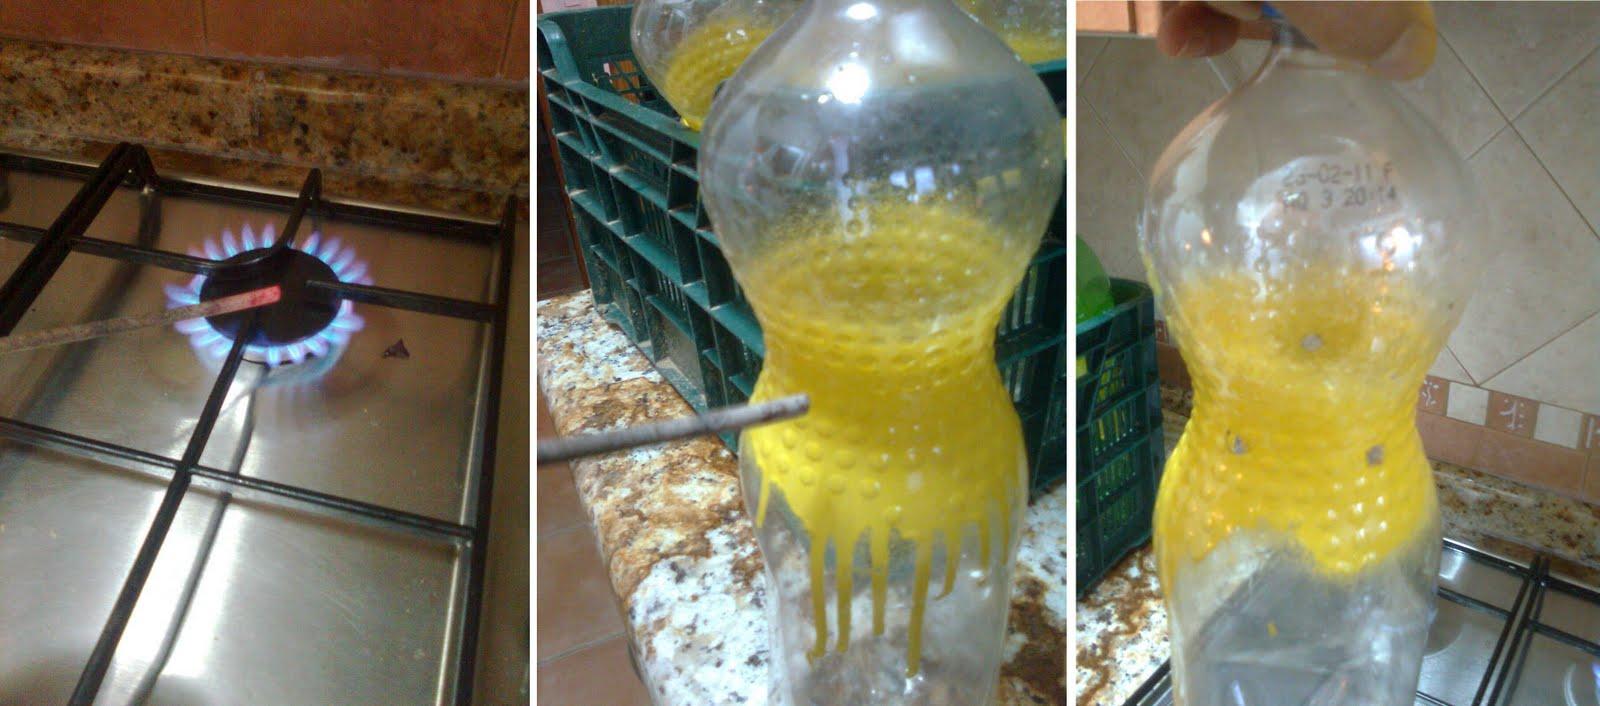 Mosca de la fruta prep rate para combatirla - Trampa casera para moscas ...